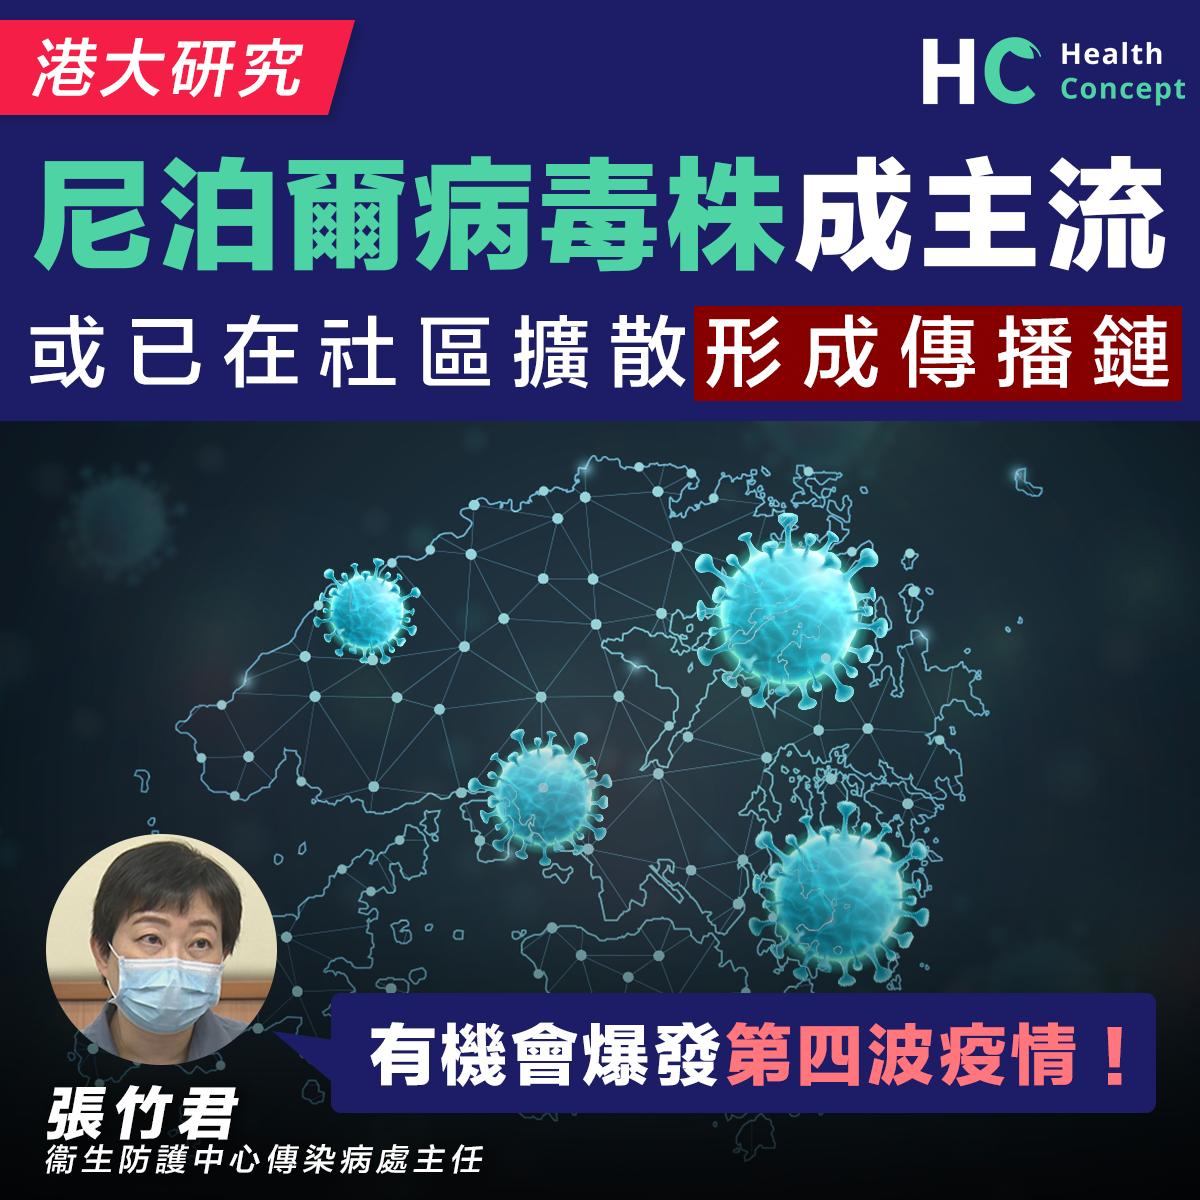 尼泊爾病毒株成主流 張竹君:有機會爆發第四波疫情